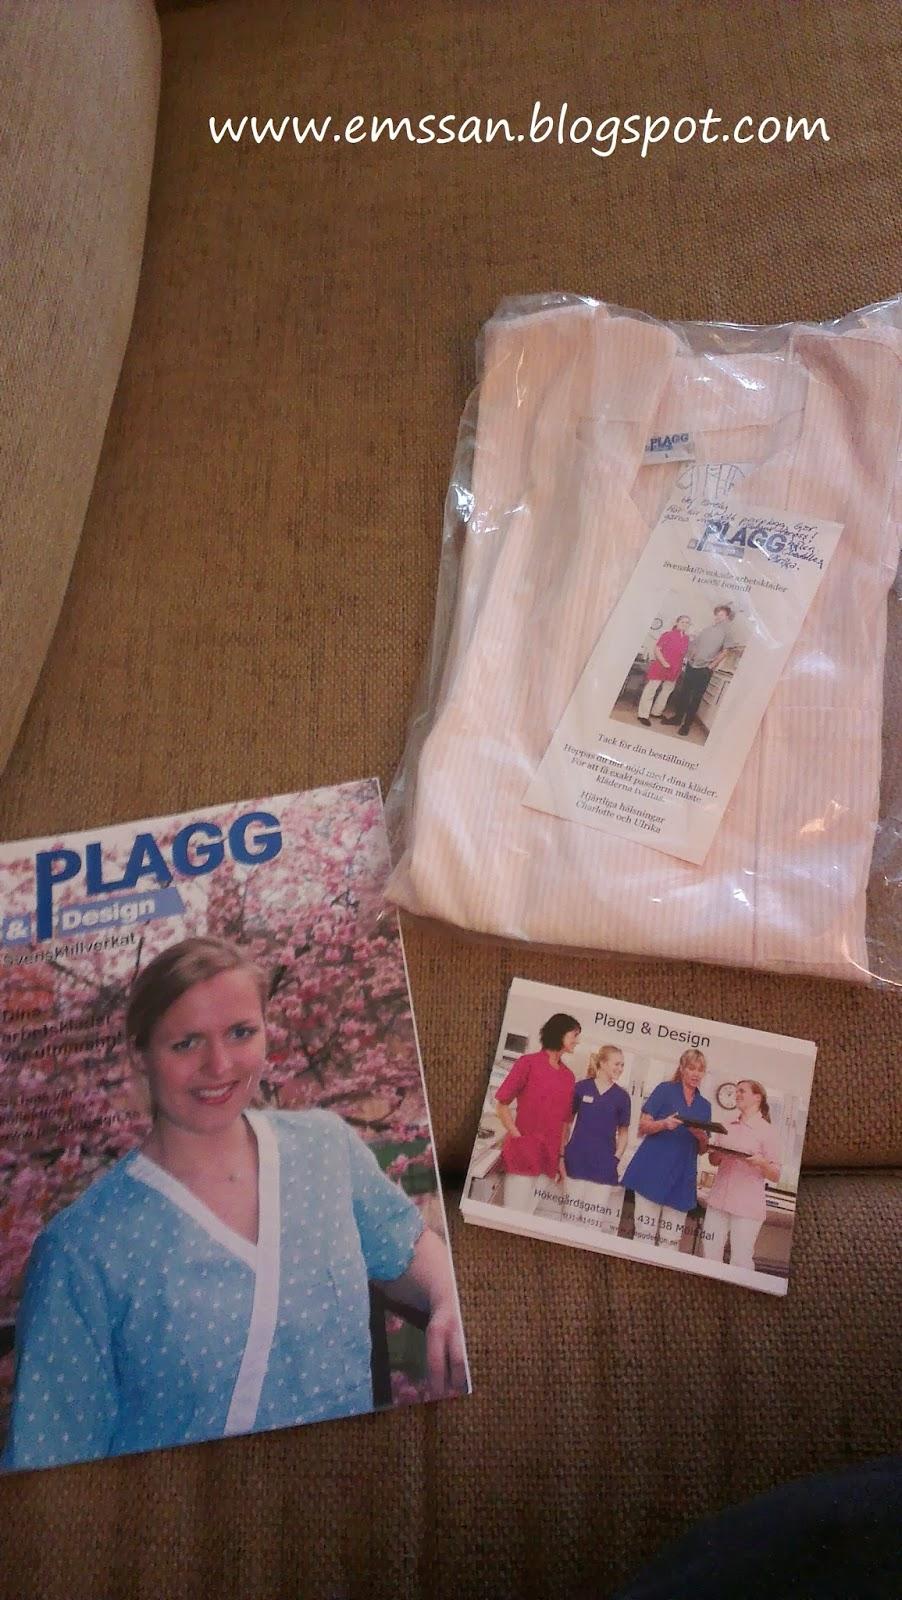 725a82657b04 För ett tag sen fick jag hem en jättefin jobbtunika från Plagg & Design.  Jag fastnade för deras kläder när jag såg att de tillverkas i Sverige och  att de ...